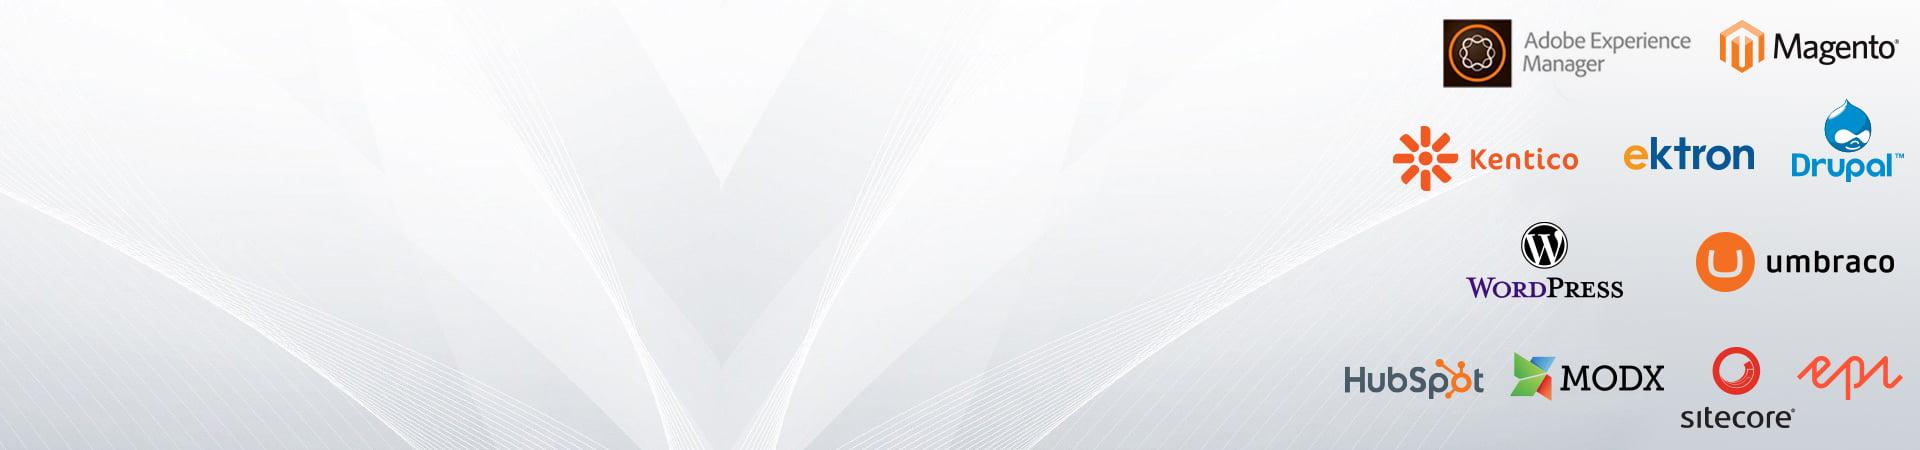 CMS-Slide-205_06